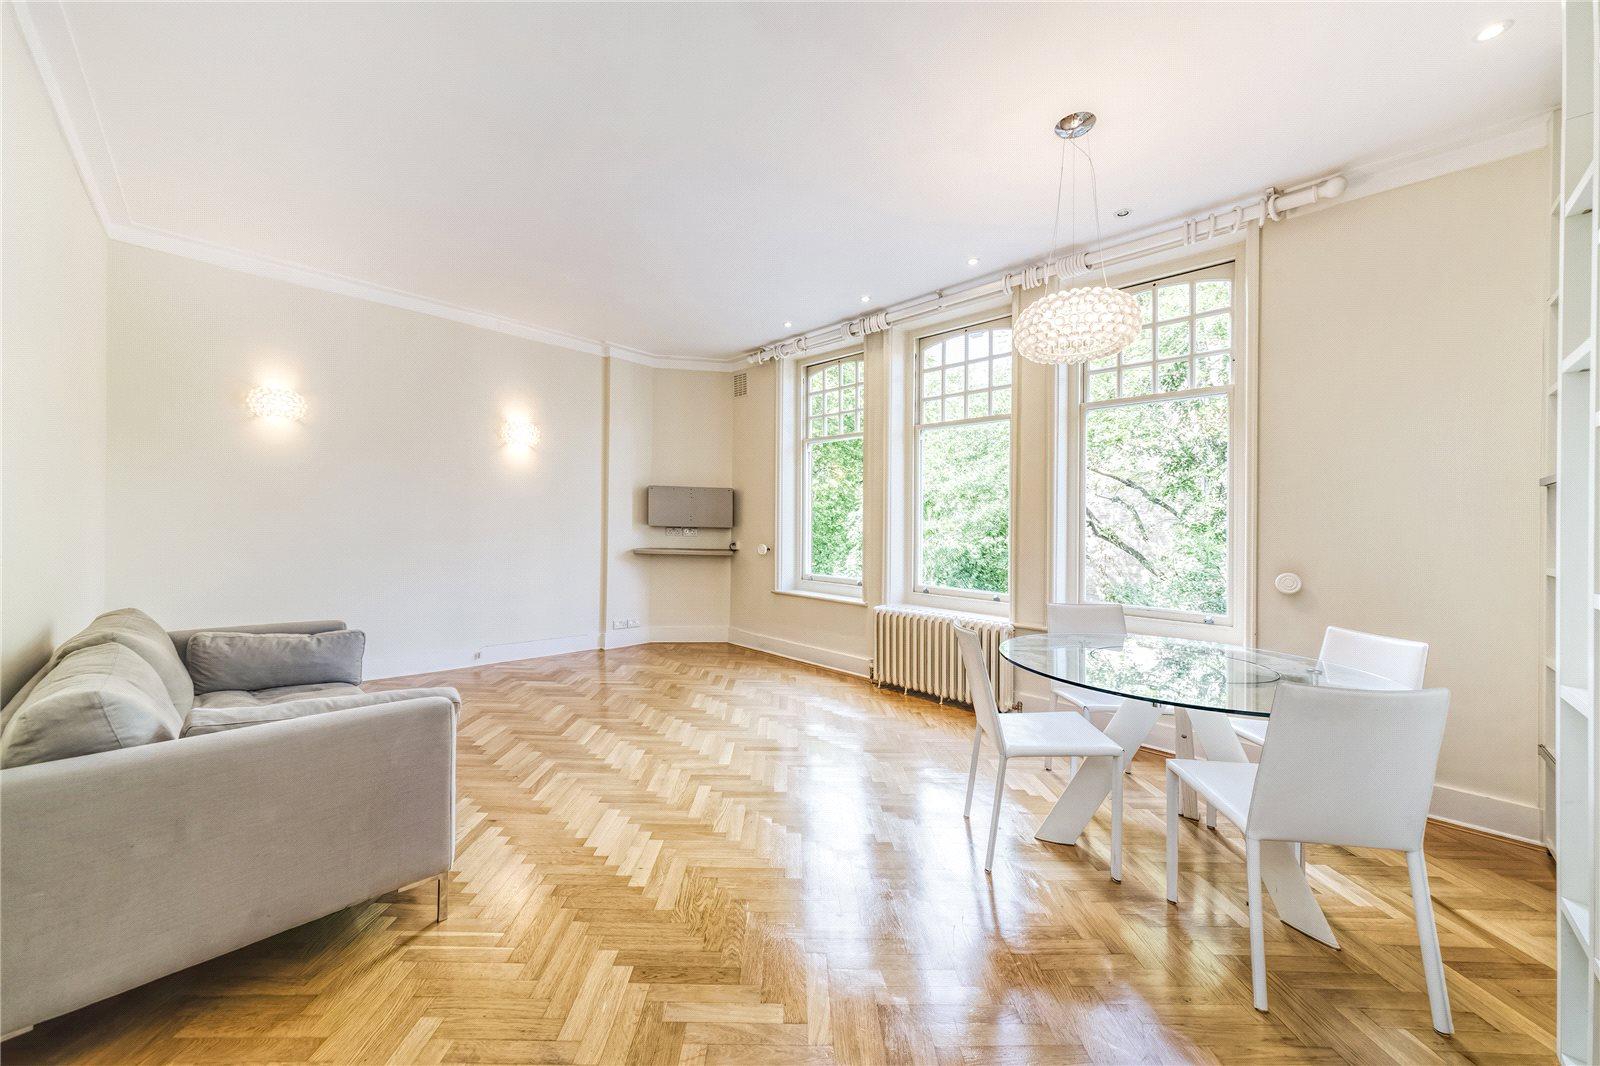 公寓 為 出售 在 Elm Park Gardens, London, SW10 London, 英格蘭